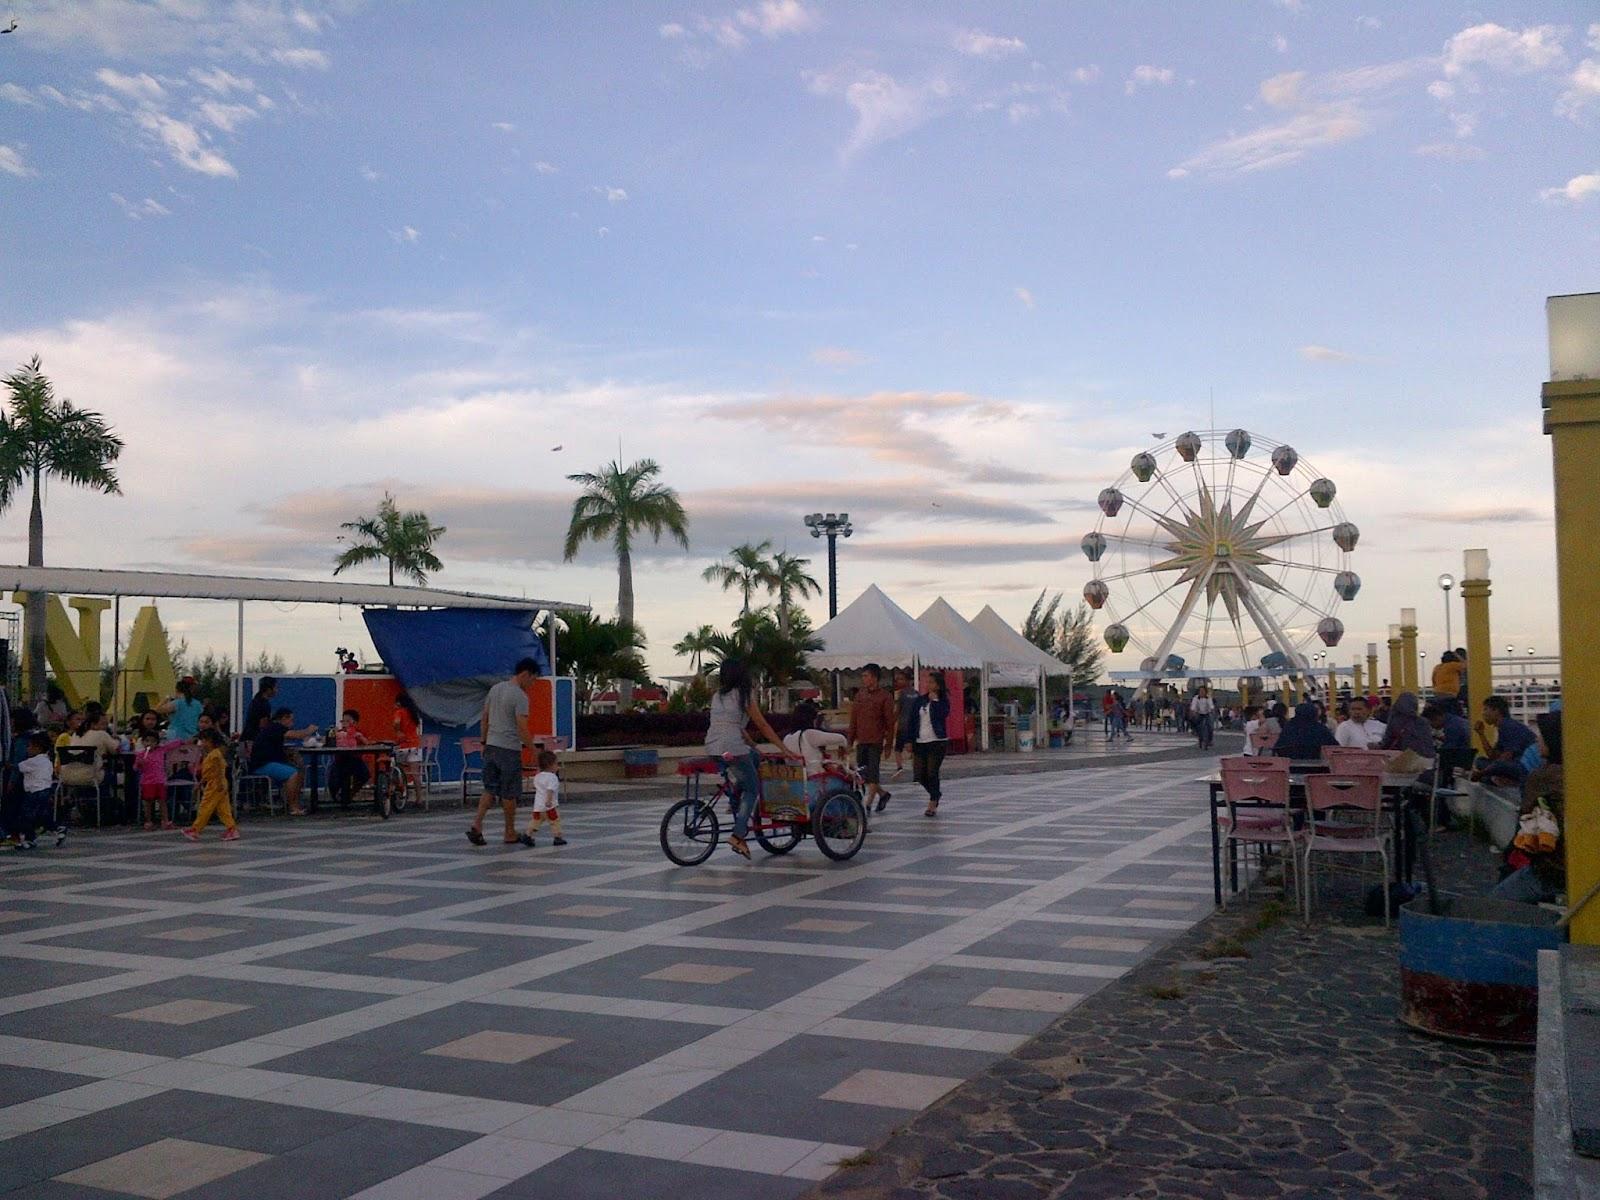 Tempat Wisata Di Batam Paling Populer Dan Terbaru 2020